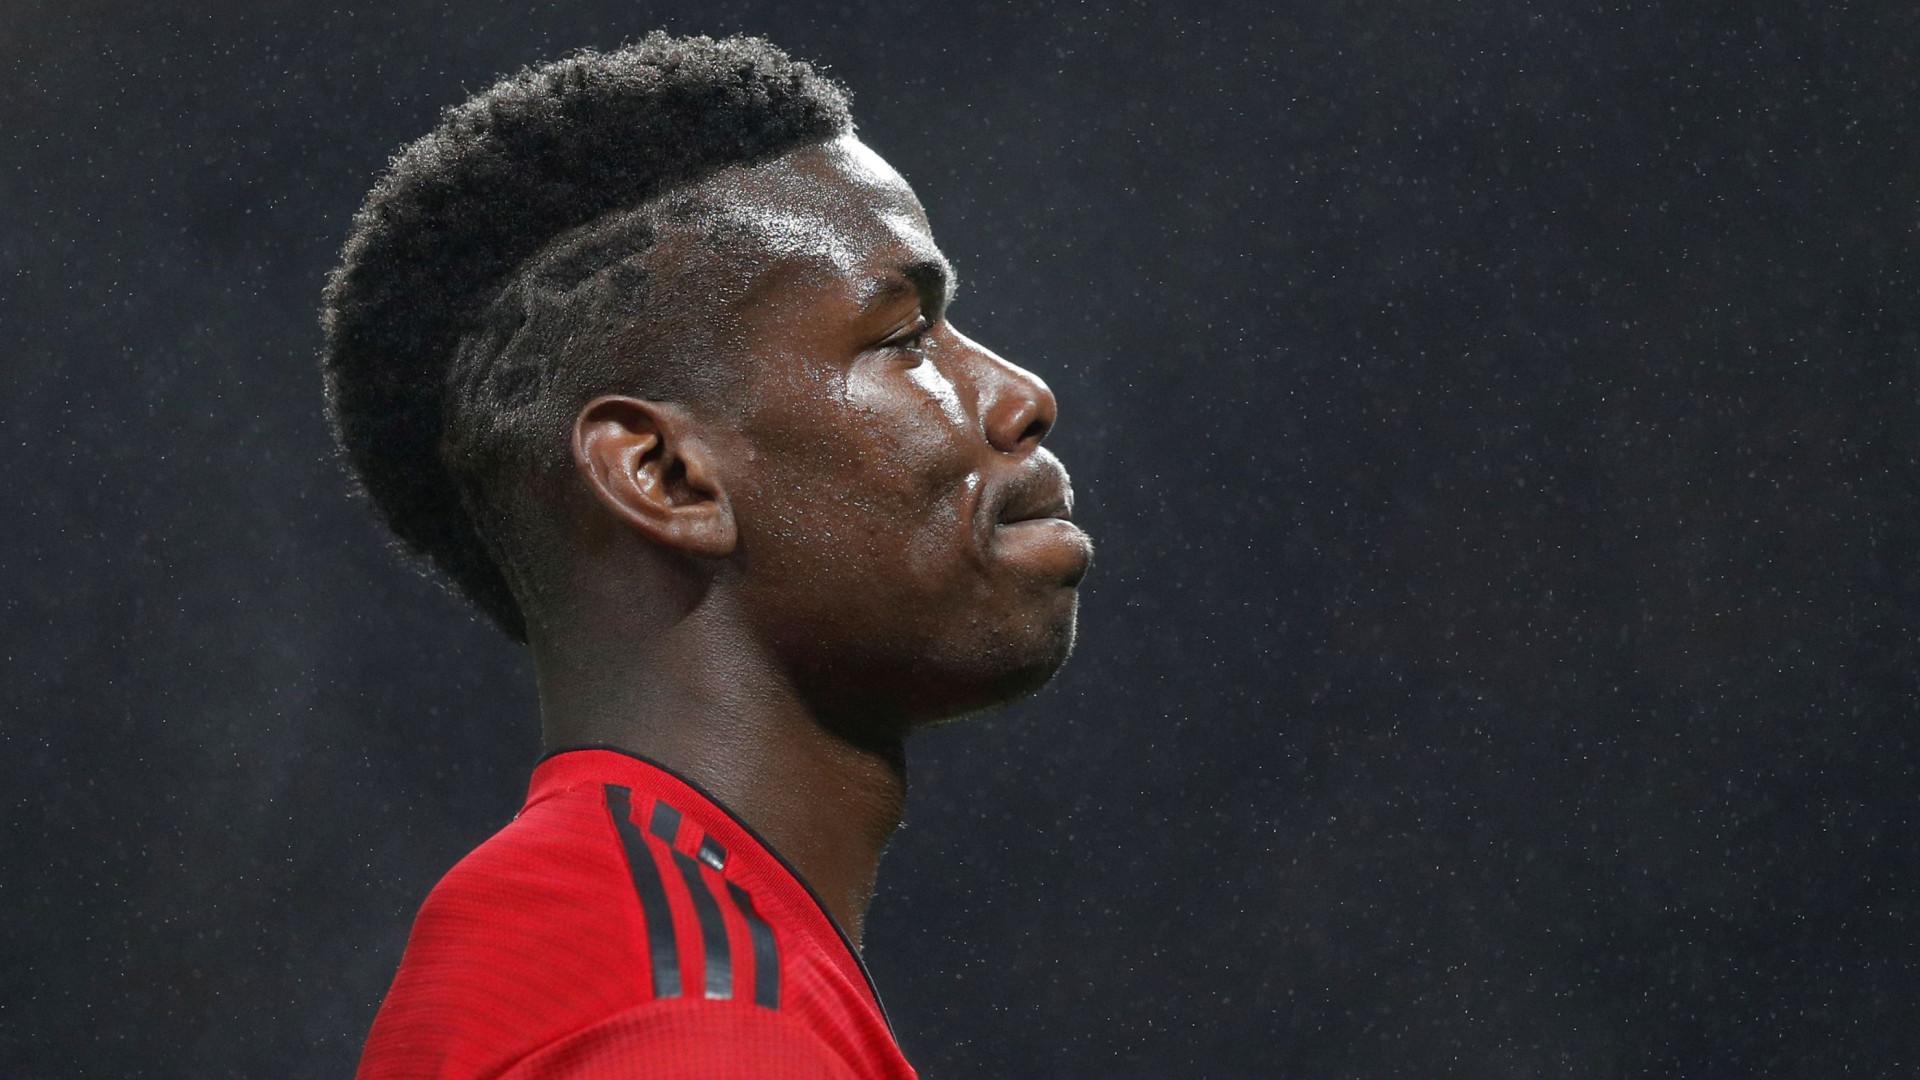 Tirada de Pogba após jogo com o Arsenal deixou jornalistas boquiabertos